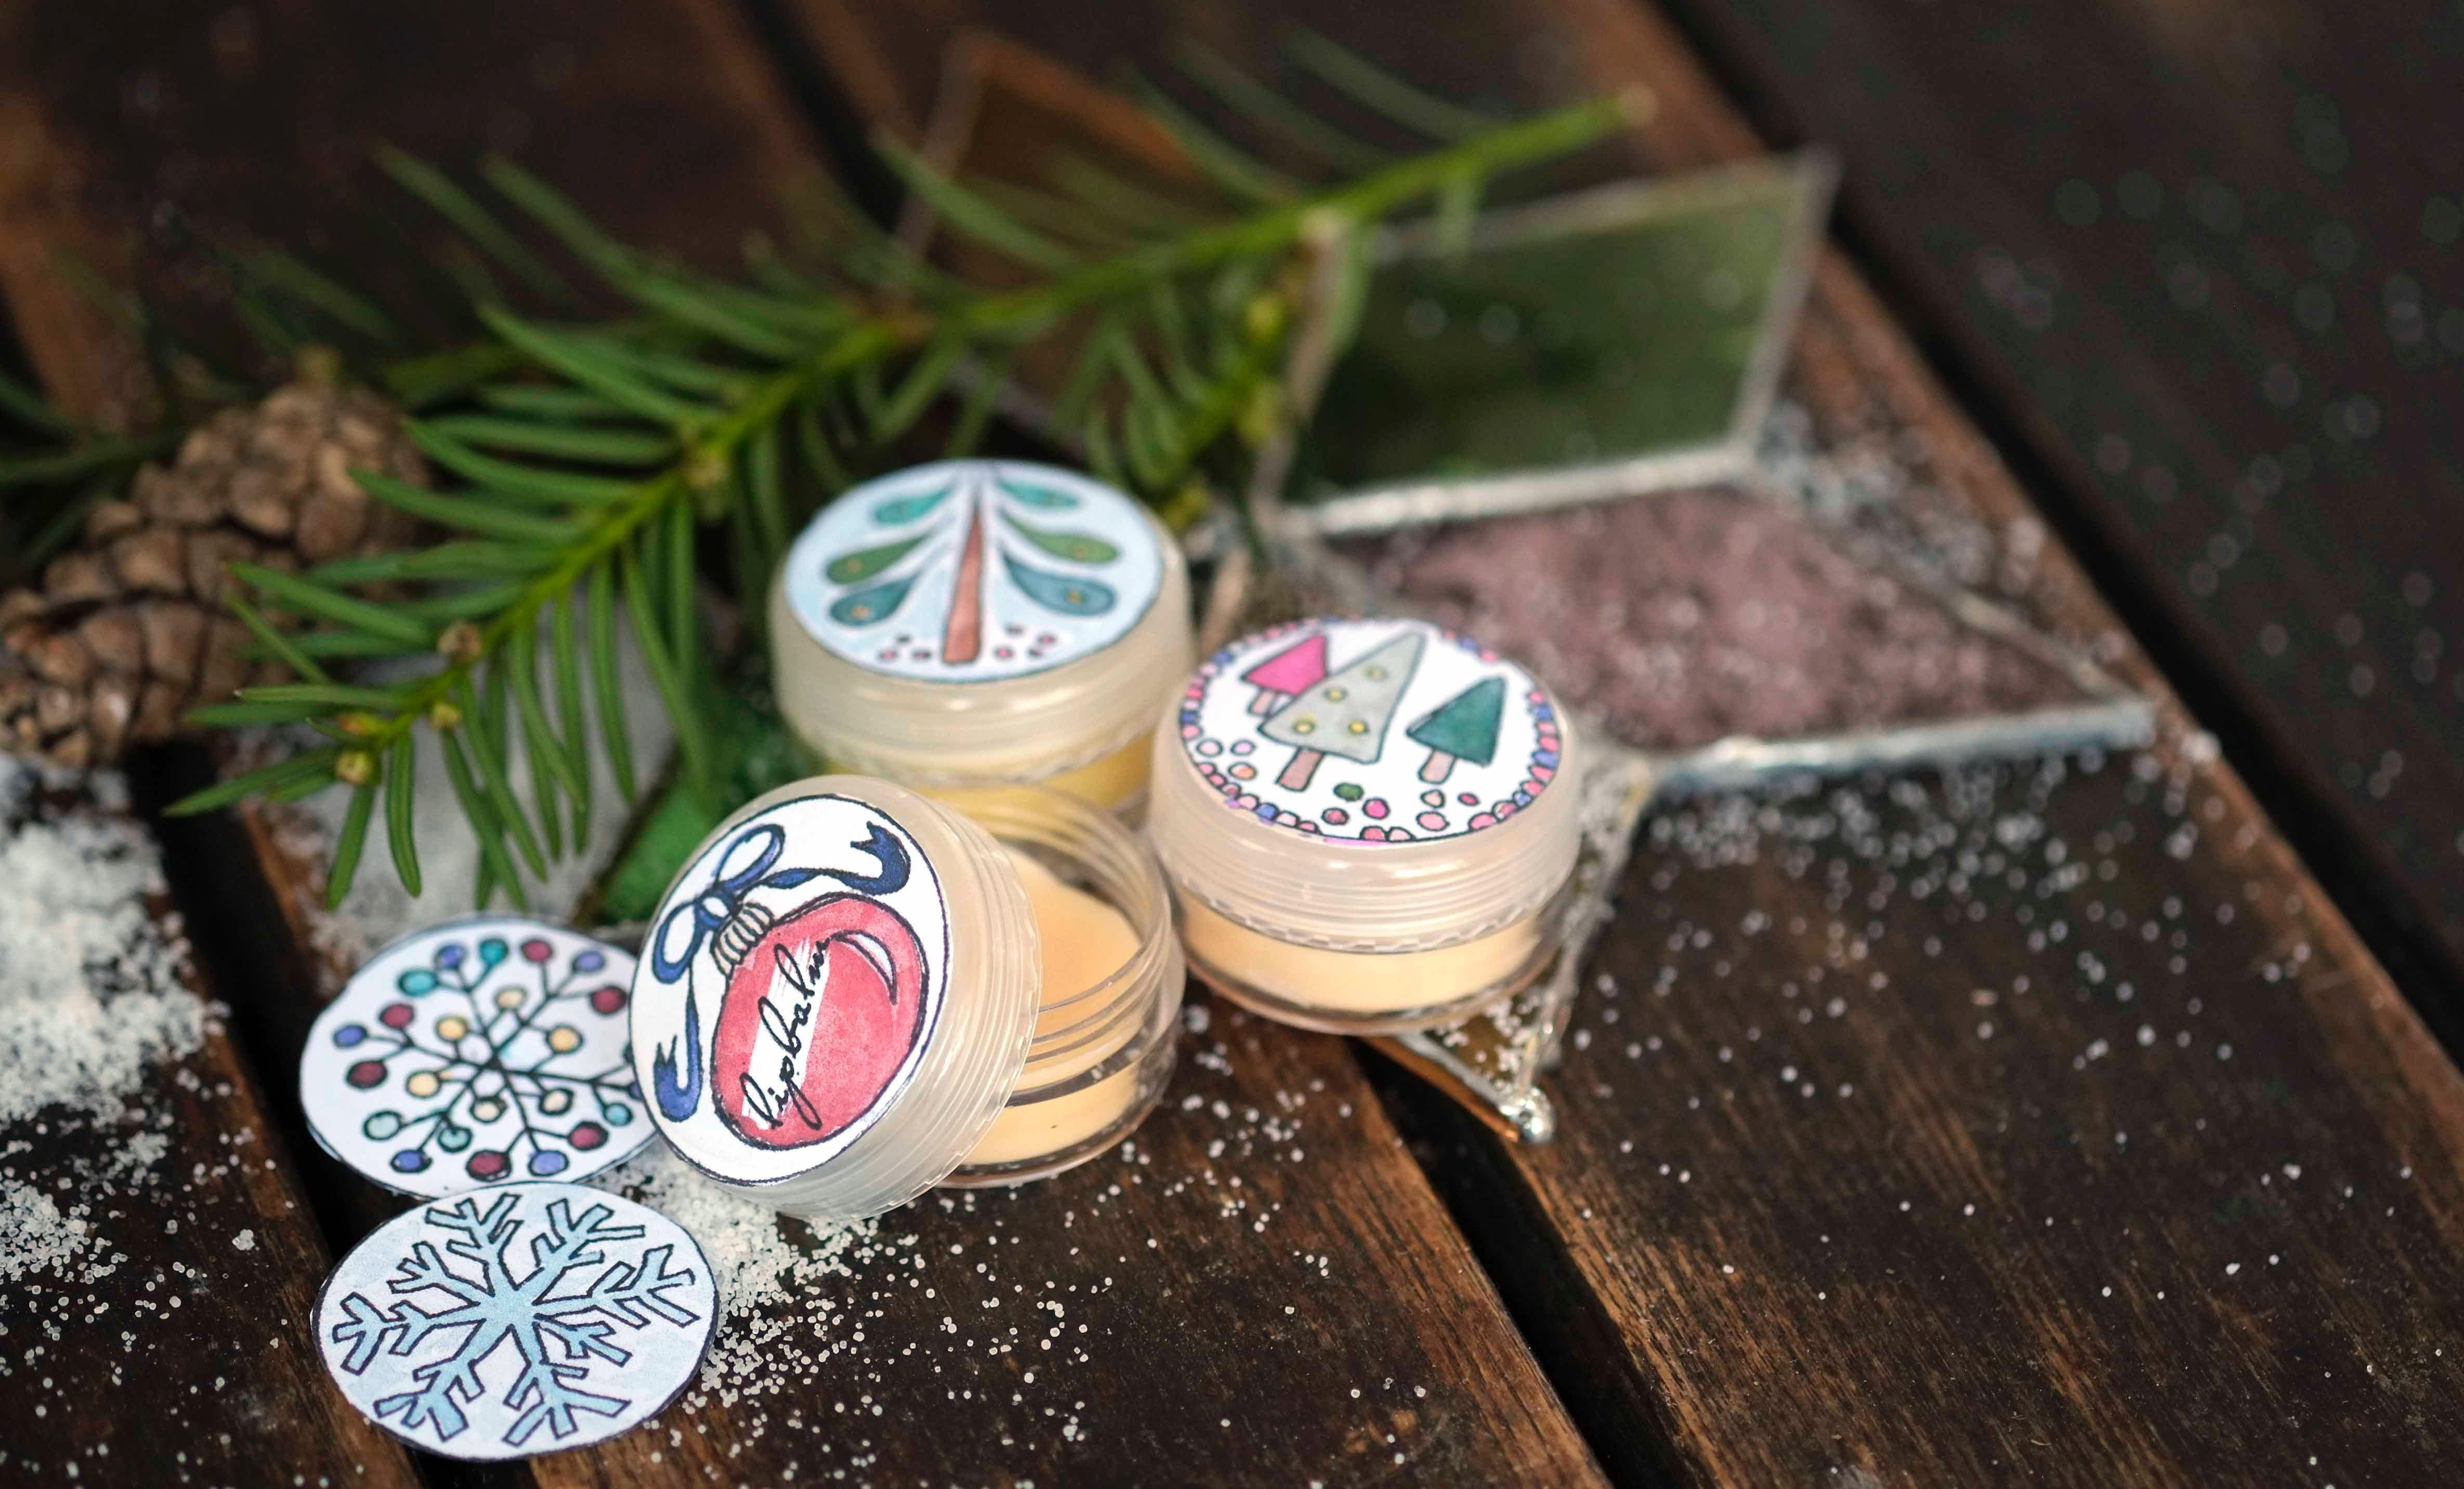 lippenpflege selber machen etikettenvorlagen naturseife und kosmetik selber machen. Black Bedroom Furniture Sets. Home Design Ideas